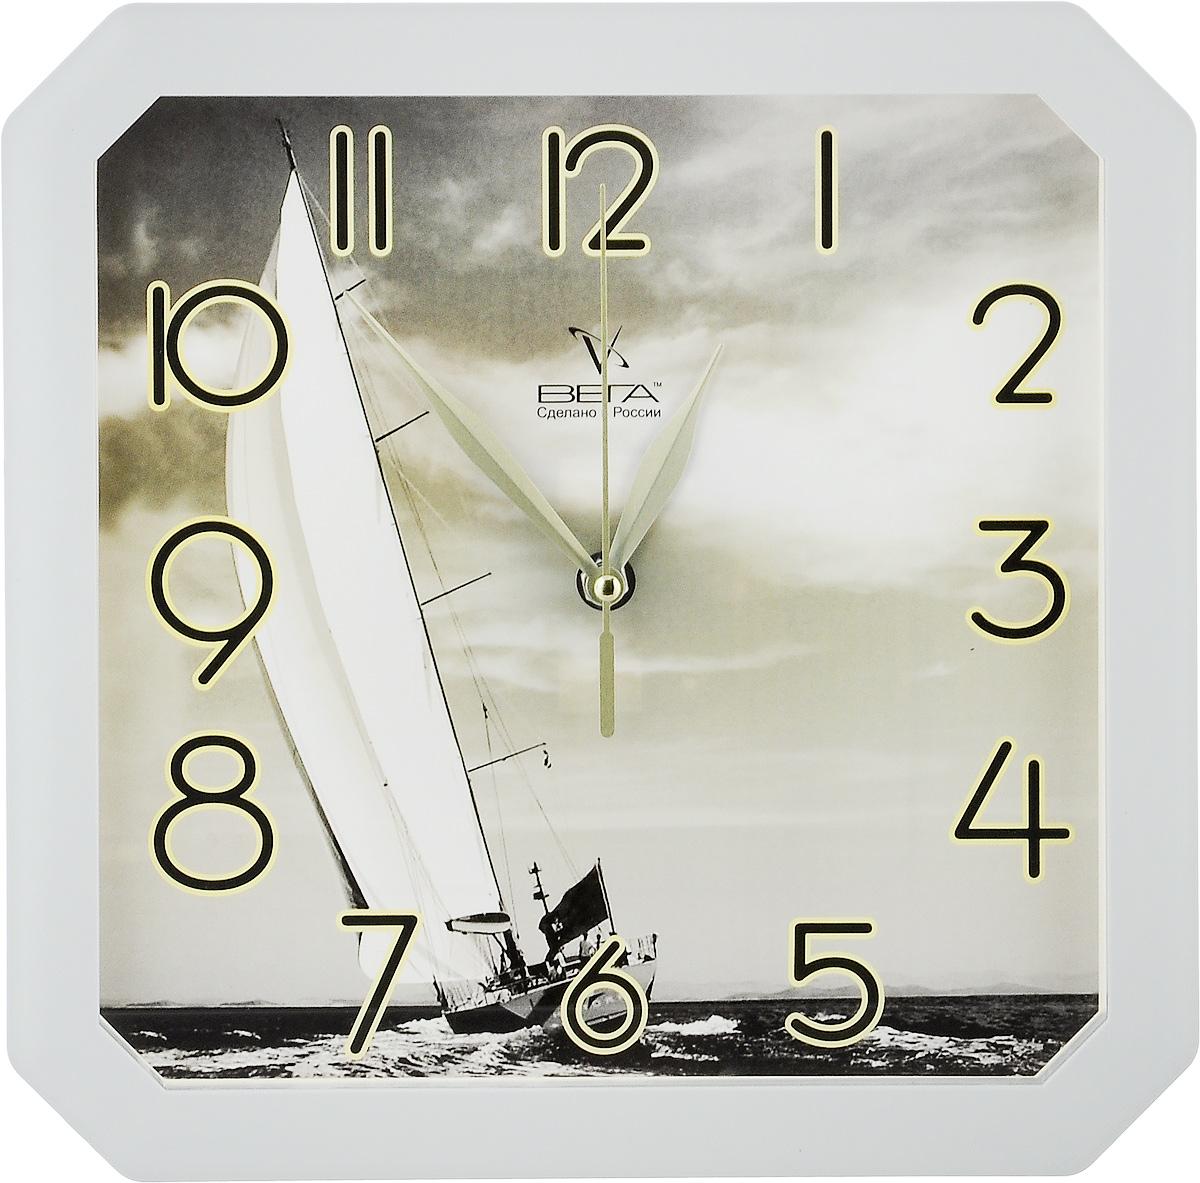 Часы настенные Вега Яхта, 28 х 28 х 4 смП4-5/7-7Настенные кварцевые часы Вега Яхта, изготовленные из пластика, прекрасно впишутся в интерьер вашего дома. Часы имеют три стрелки: часовую, минутную и секундную, циферблат защищен прозрачным стеклом. Часы работают от 1 батарейки типа АА напряжением 1,5 В (не входит в комплект).